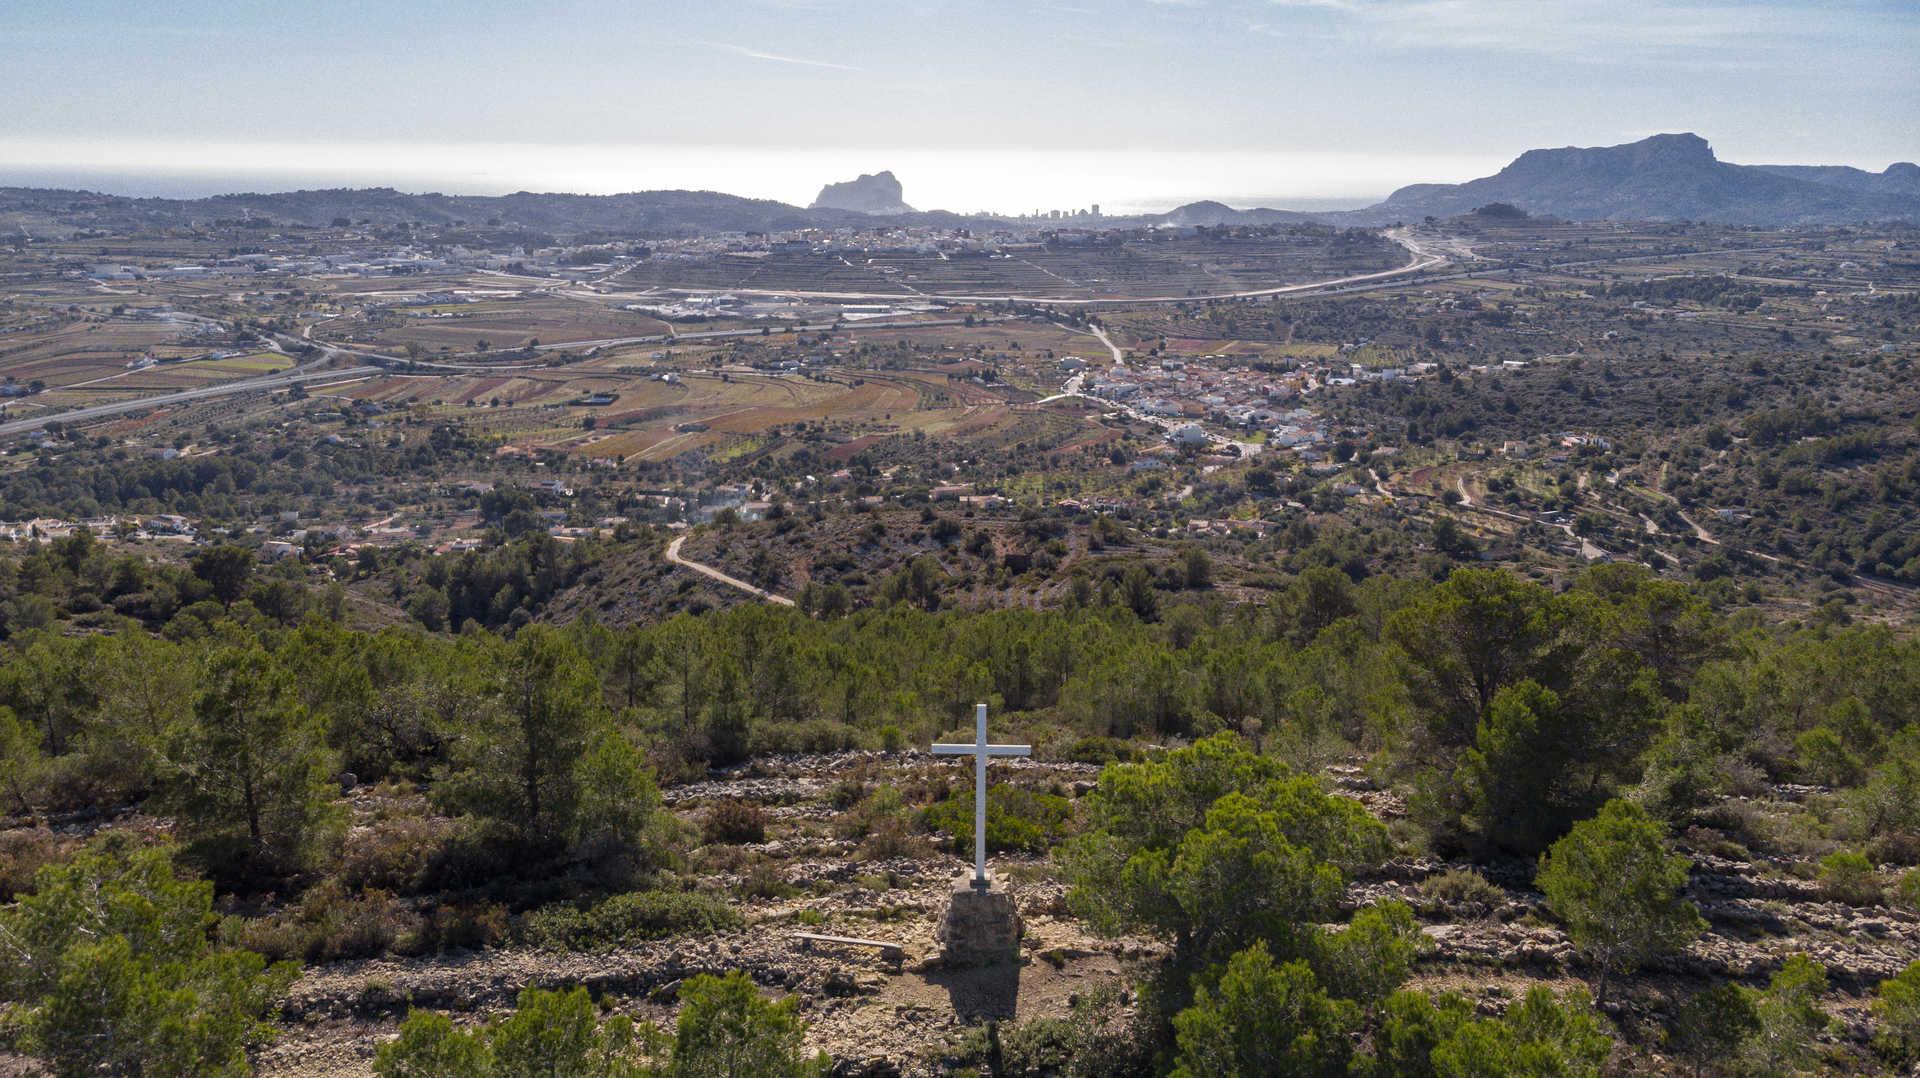 La cruz (The cross)